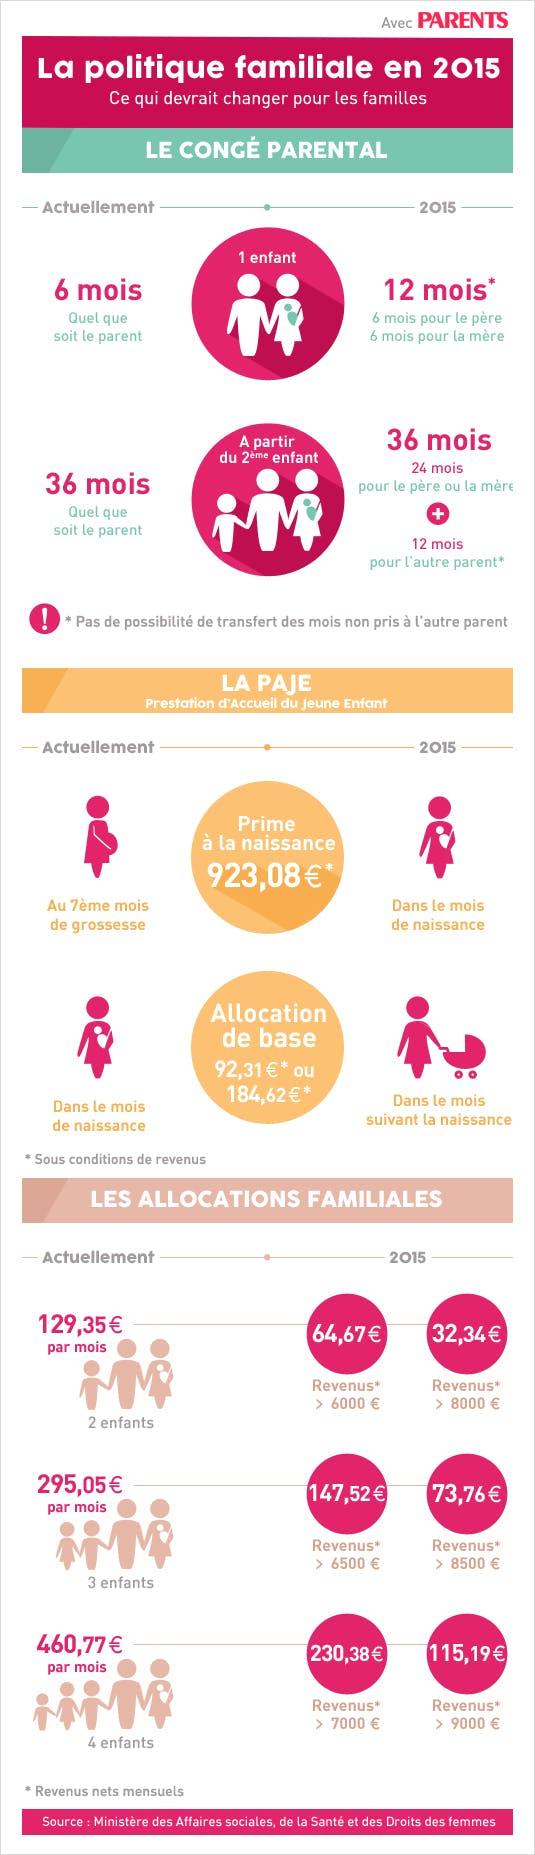 Réformes de la politique familiale en 2015